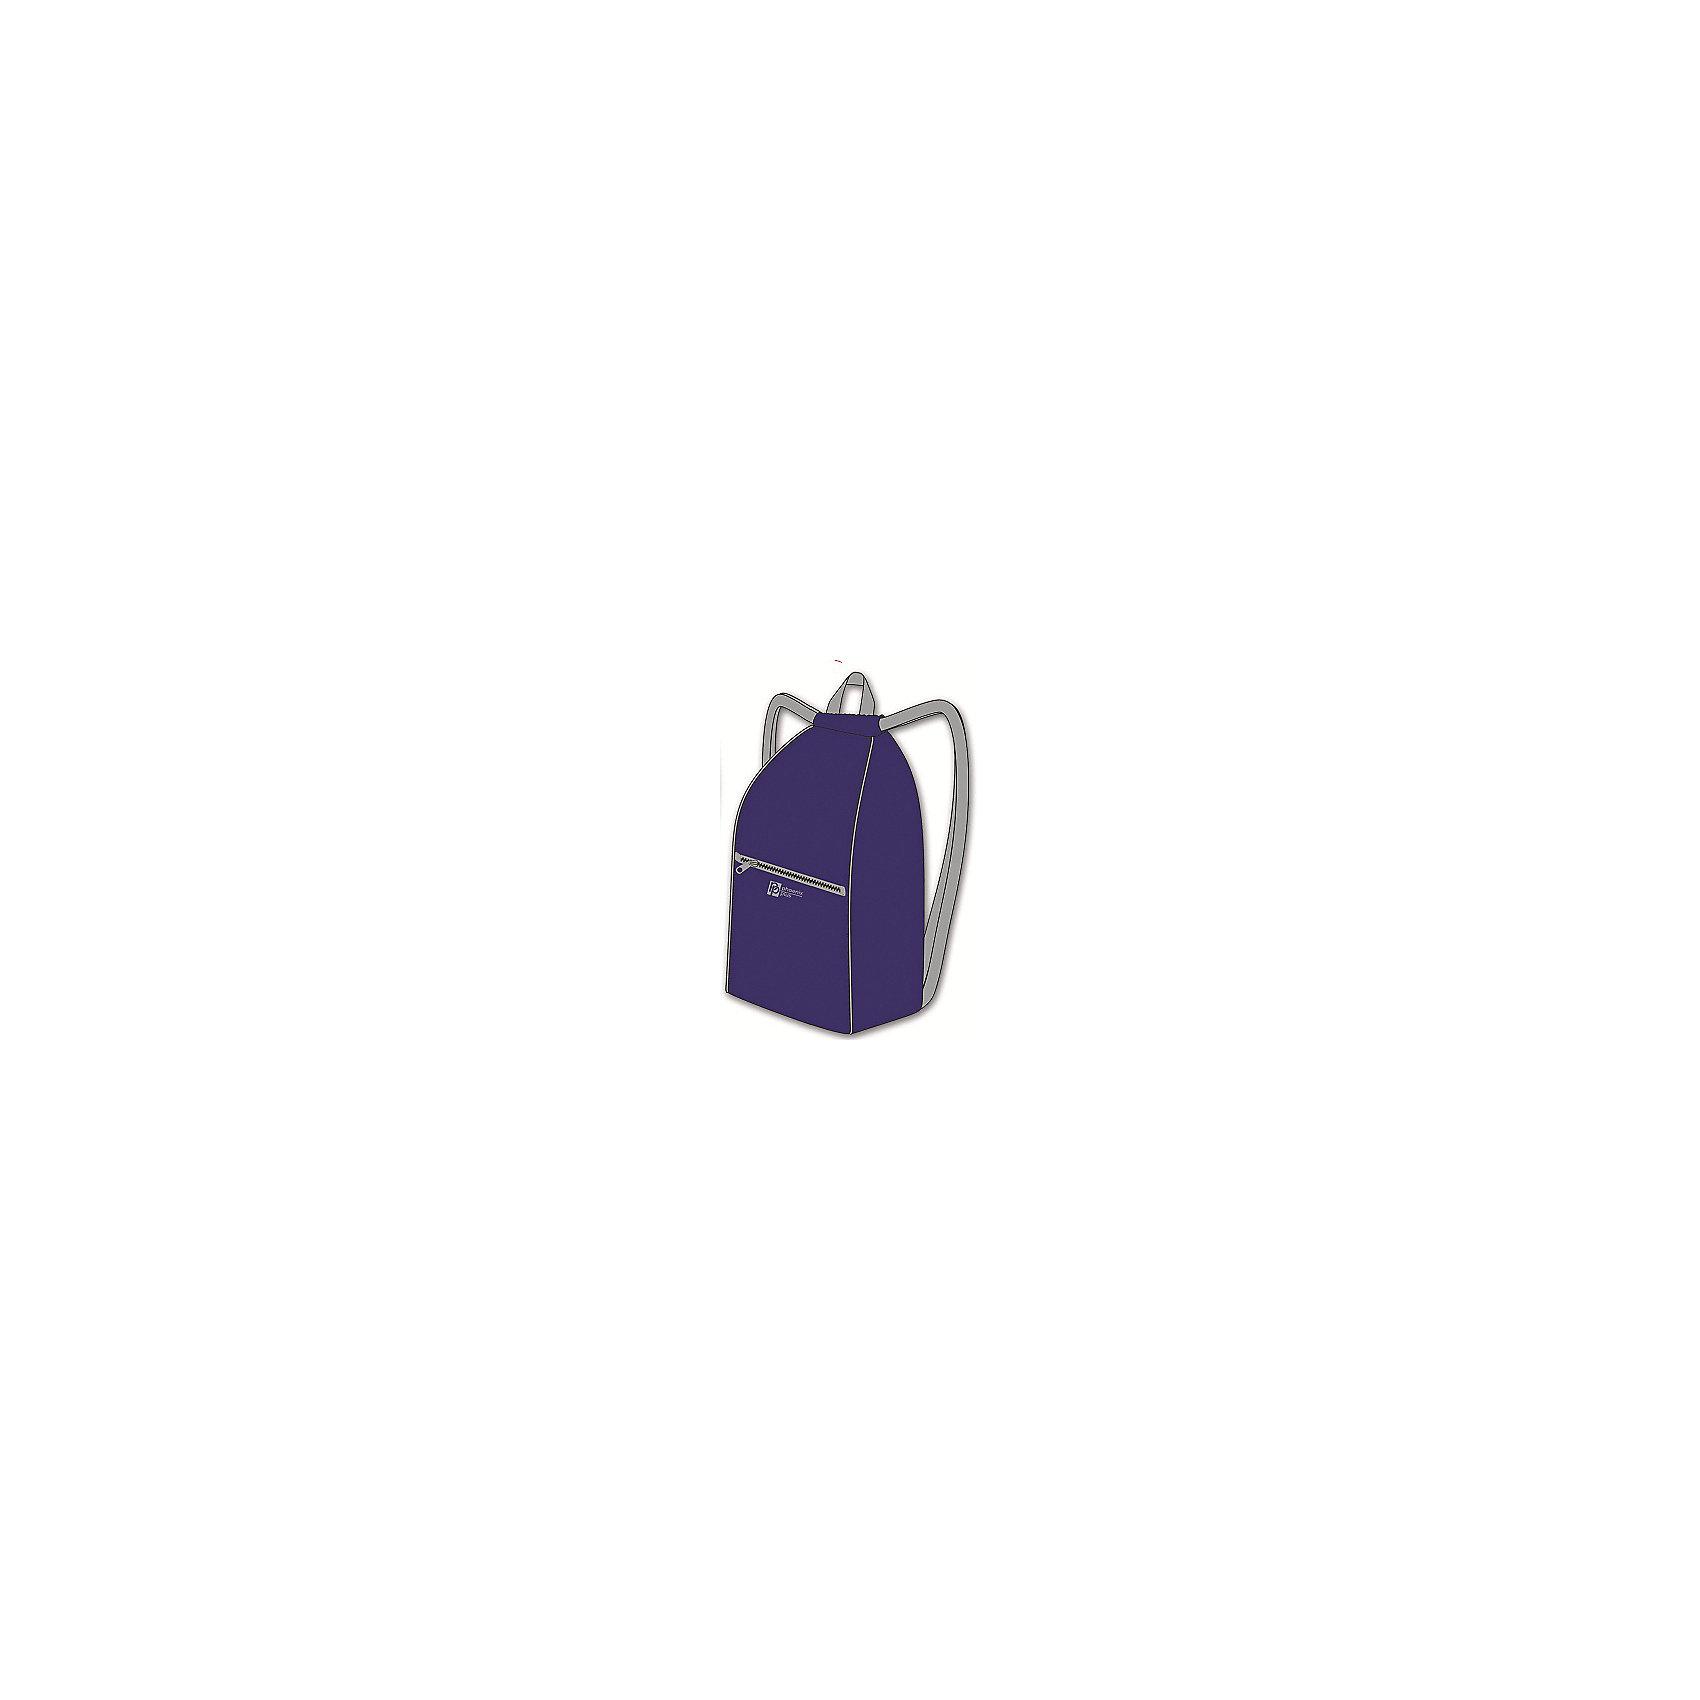 Рюкзак-мешок Феникс+, синийРюкзаки<br>Рюкзак-мешок СИНИЙ (52х34х22см, полиэстер-жаккард плотн. 1680D, объемный карман на молнии, цв. фотоотраж. эл-ты, ручка-петля, плотные лямки)<br><br>Ширина мм: 520<br>Глубина мм: 340<br>Высота мм: 22<br>Вес г: 275<br>Возраст от месяцев: 72<br>Возраст до месяцев: 2147483647<br>Пол: Унисекс<br>Возраст: Детский<br>SKU: 7046438